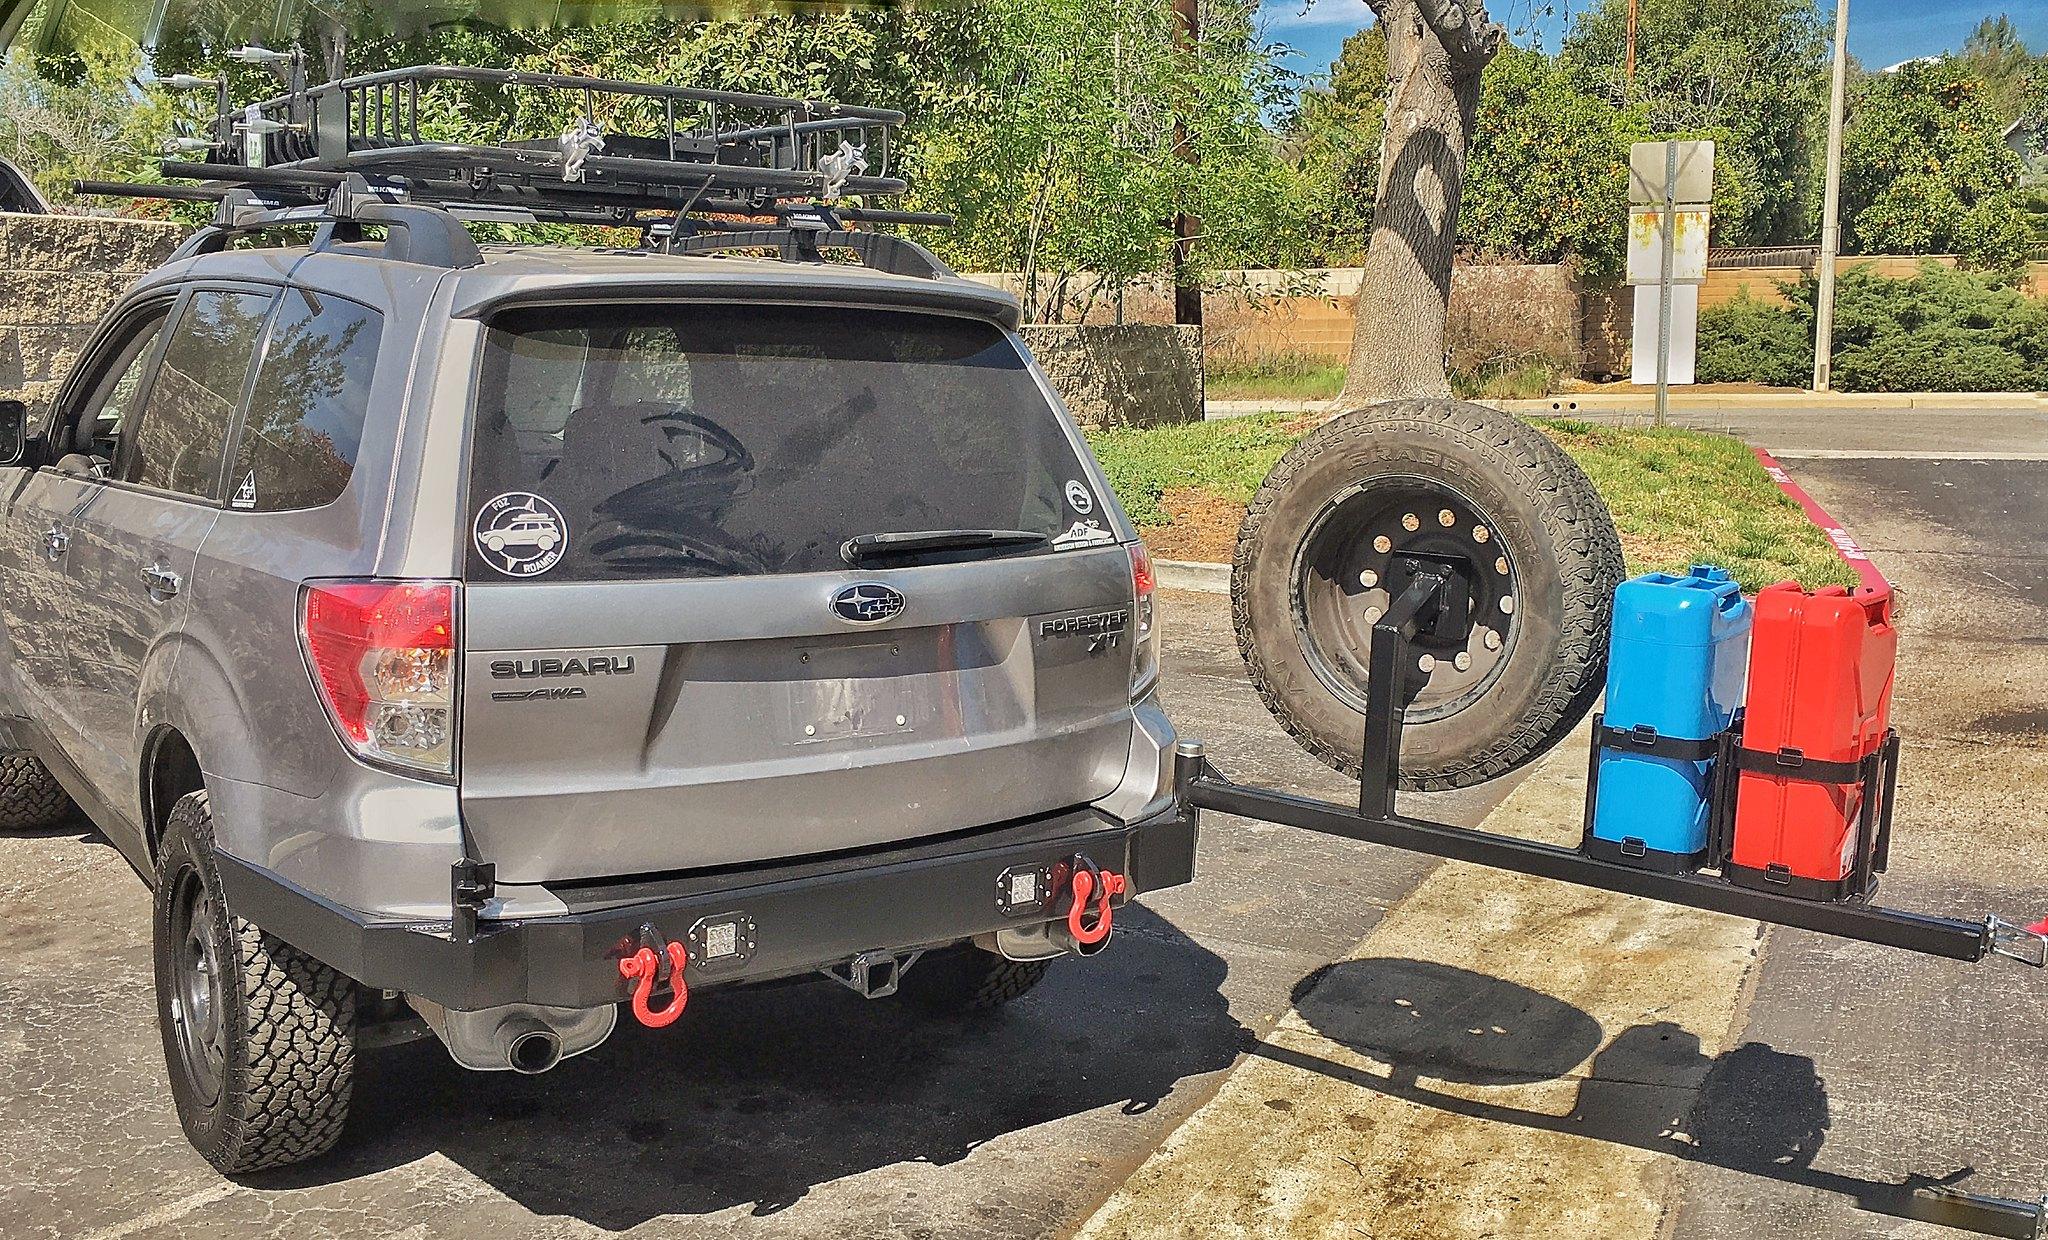 100 Bwca Subaru Outback Roof Rack Thule